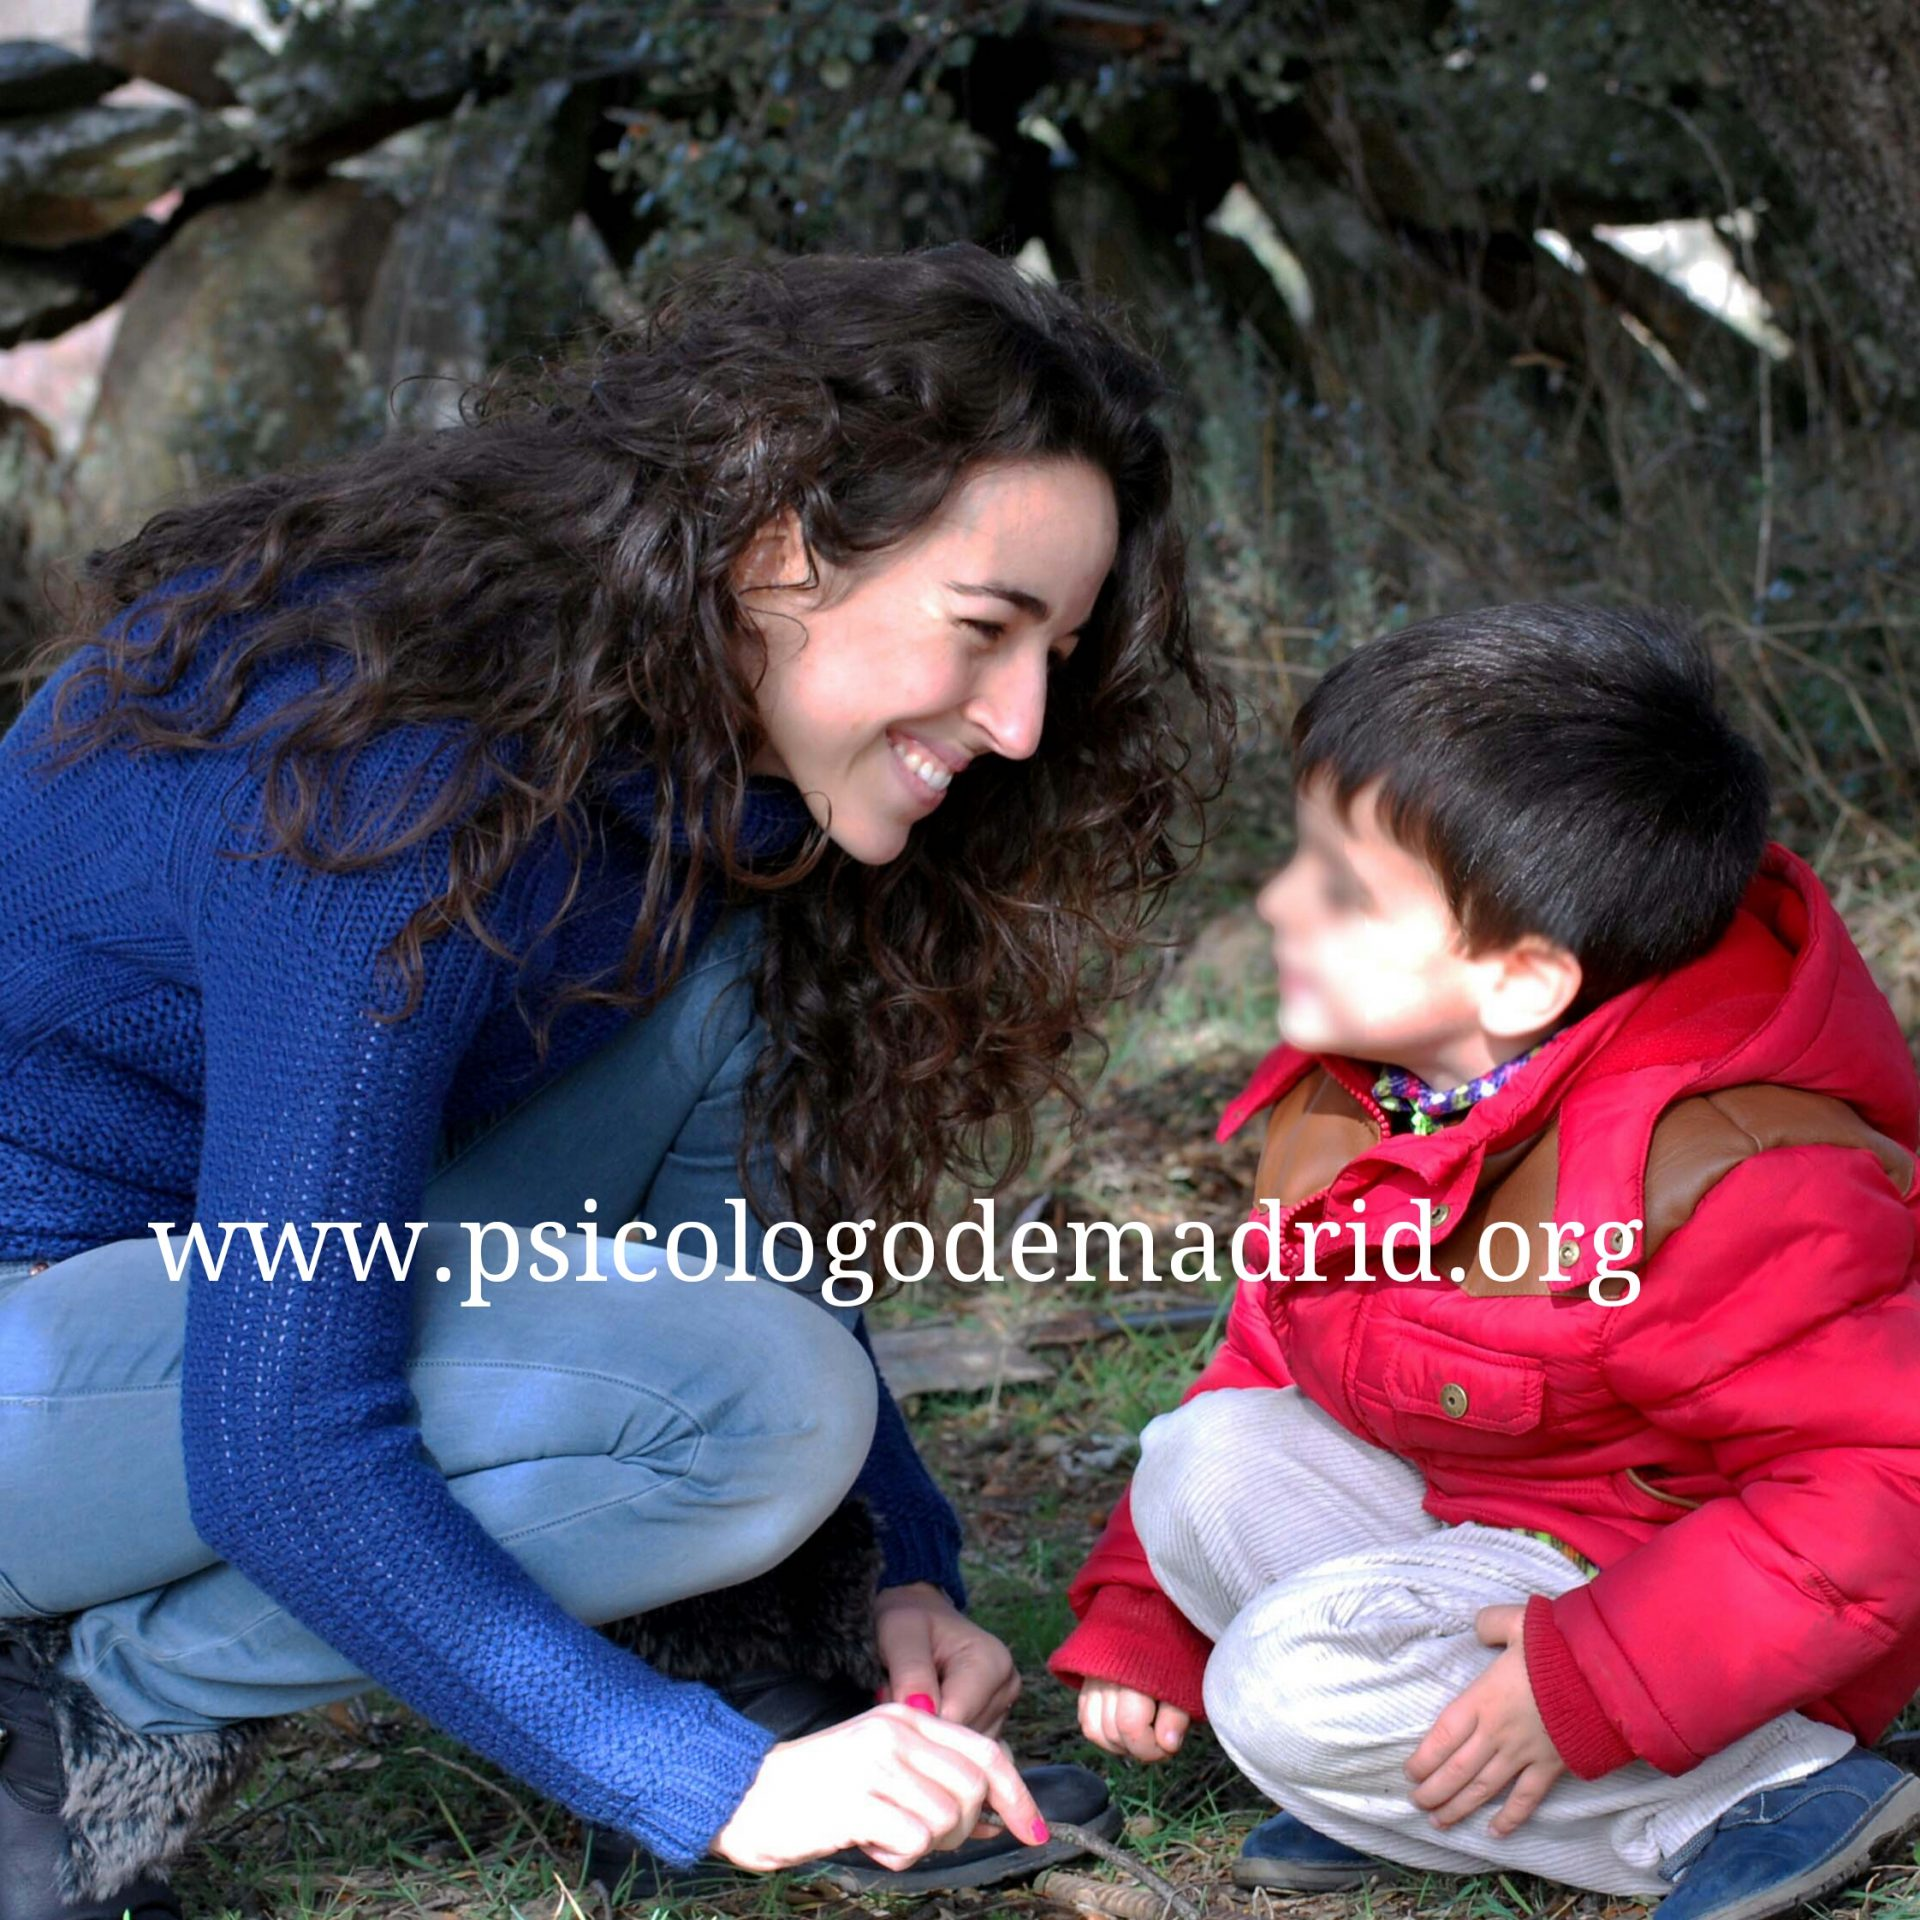 ¿Sabías que las comunicación favorece la autoestima? Psicólogo infantil en Puerta de Hierro, Moncloa, Aravaca, Las Rozas y Torrelodones